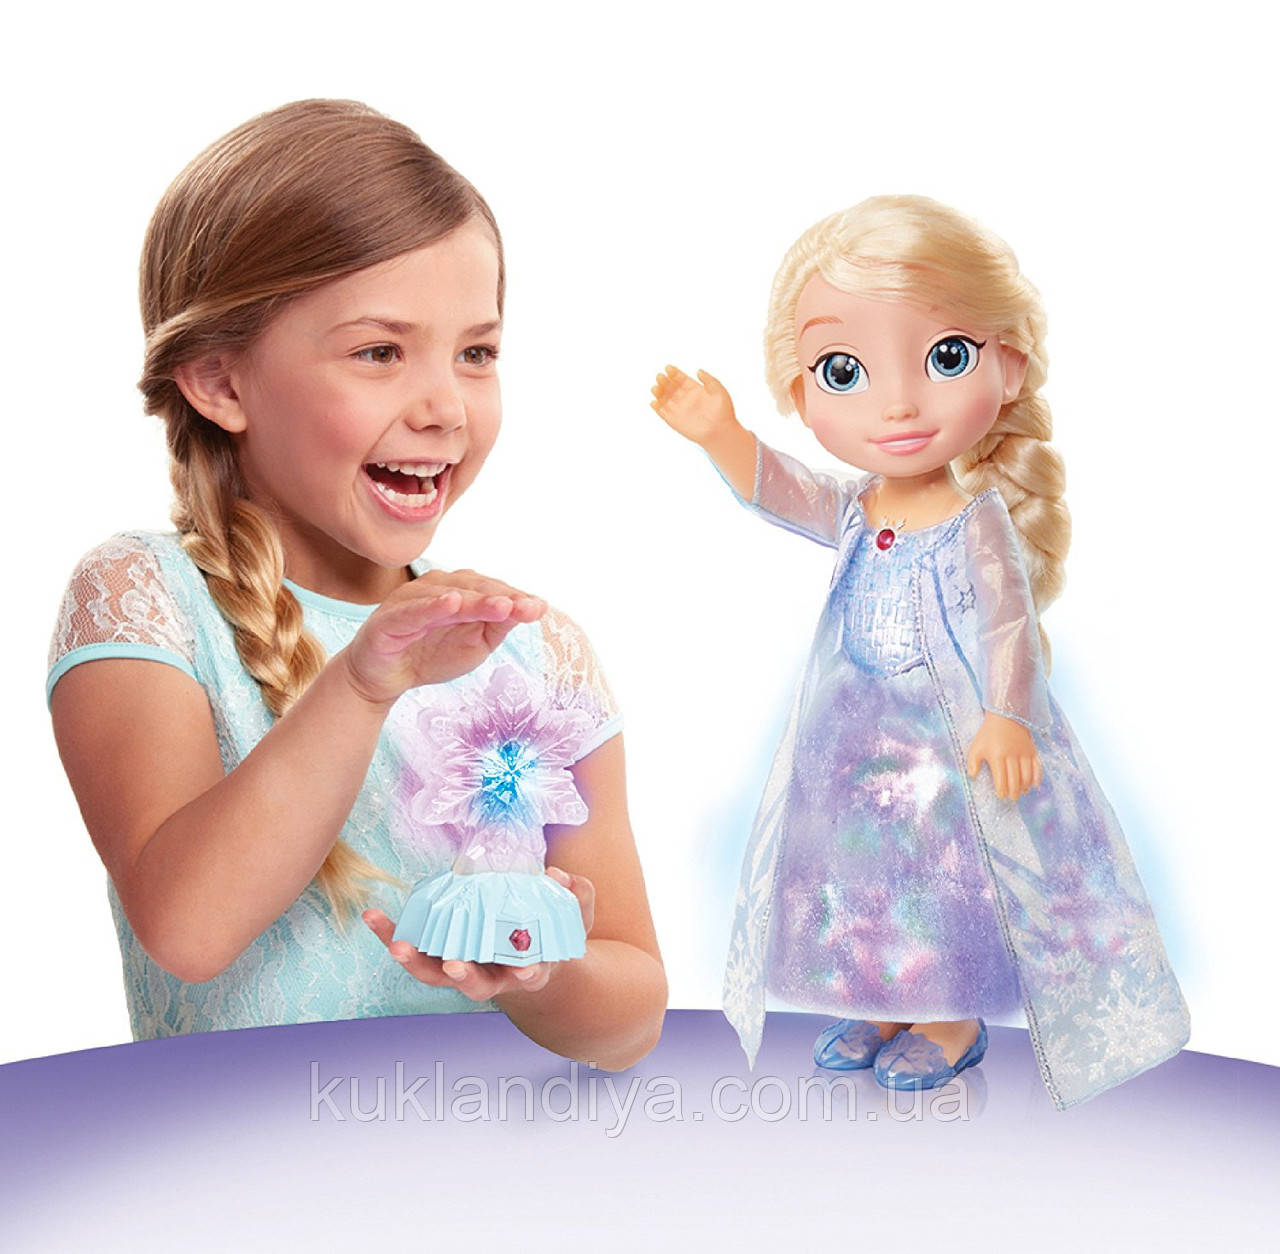 Кукла Эльза поющая Северное Сияние - Disney Frozen Northern Lights Elsa